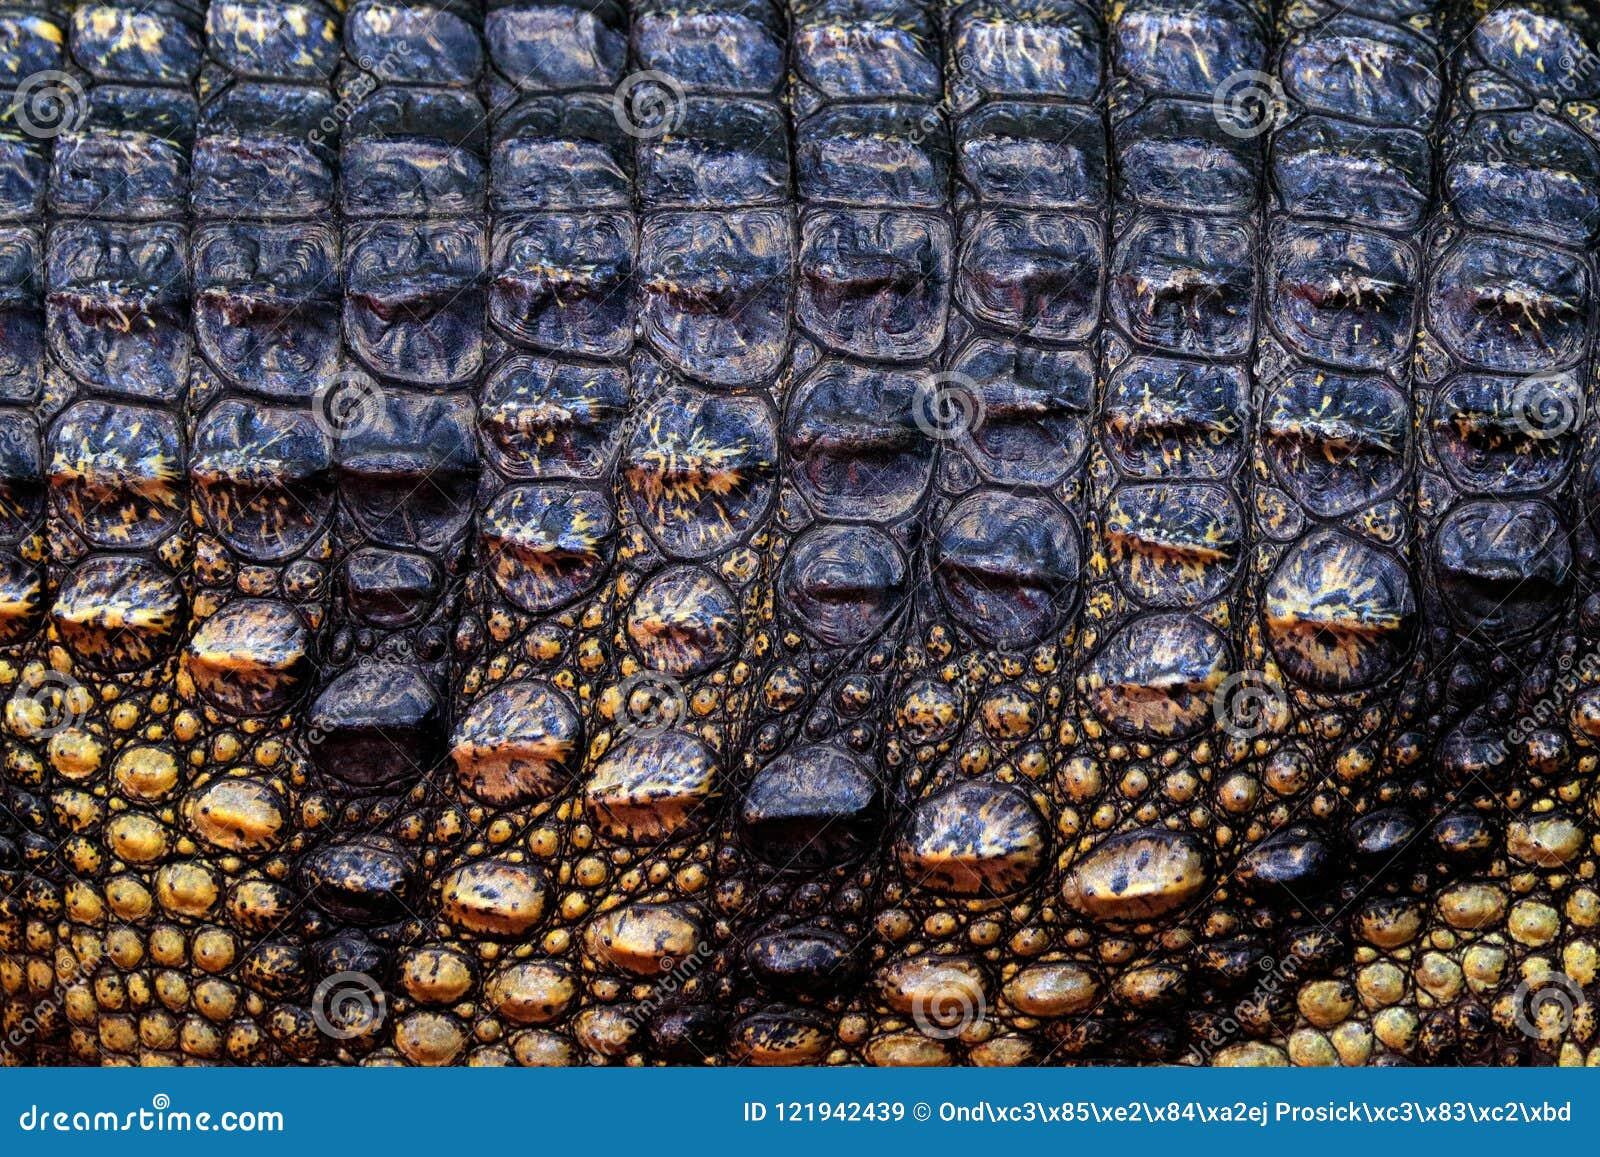 Crocodilo Siamese, siamensis do Crocodylus, nativo de água doce do réptil a Indonésia Detalhe da pele do close-up de animal raro